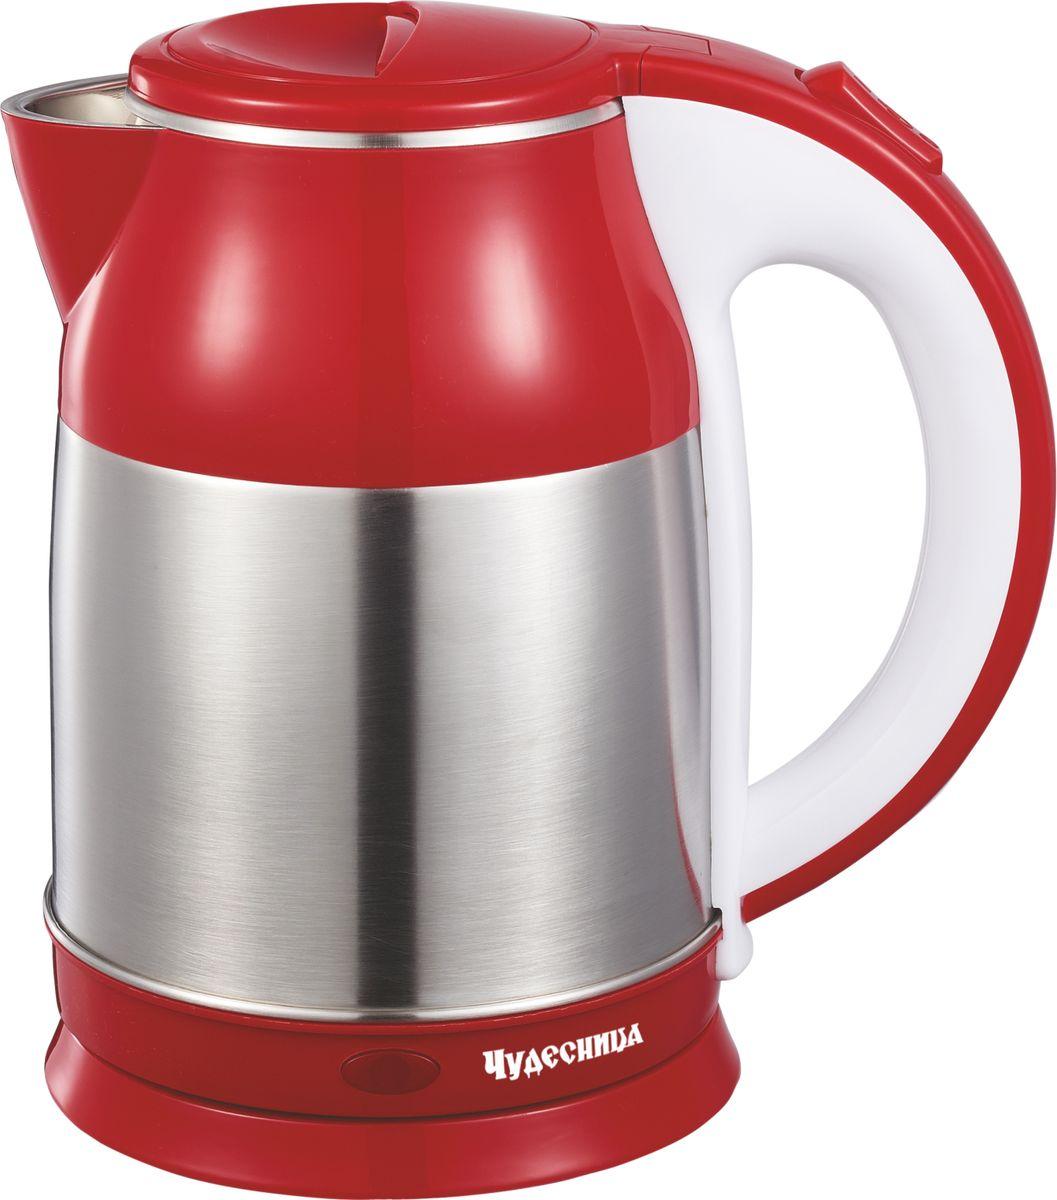 Чудесница ЭЧ-2014, Red чайник электрический